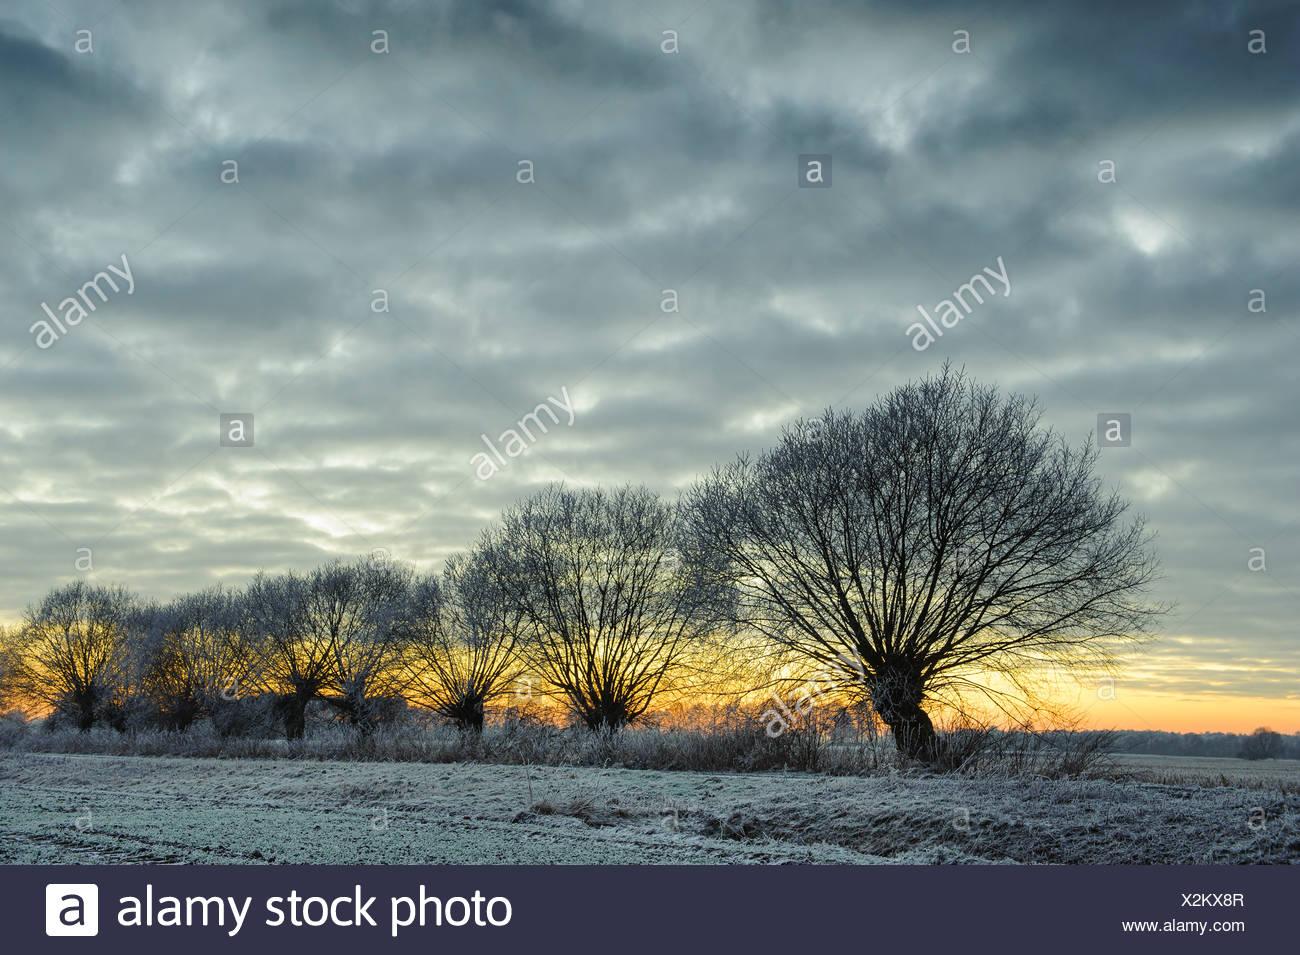 Pollard willows in winter, Vechta district, Niedersachsen, Germany - Stock Image